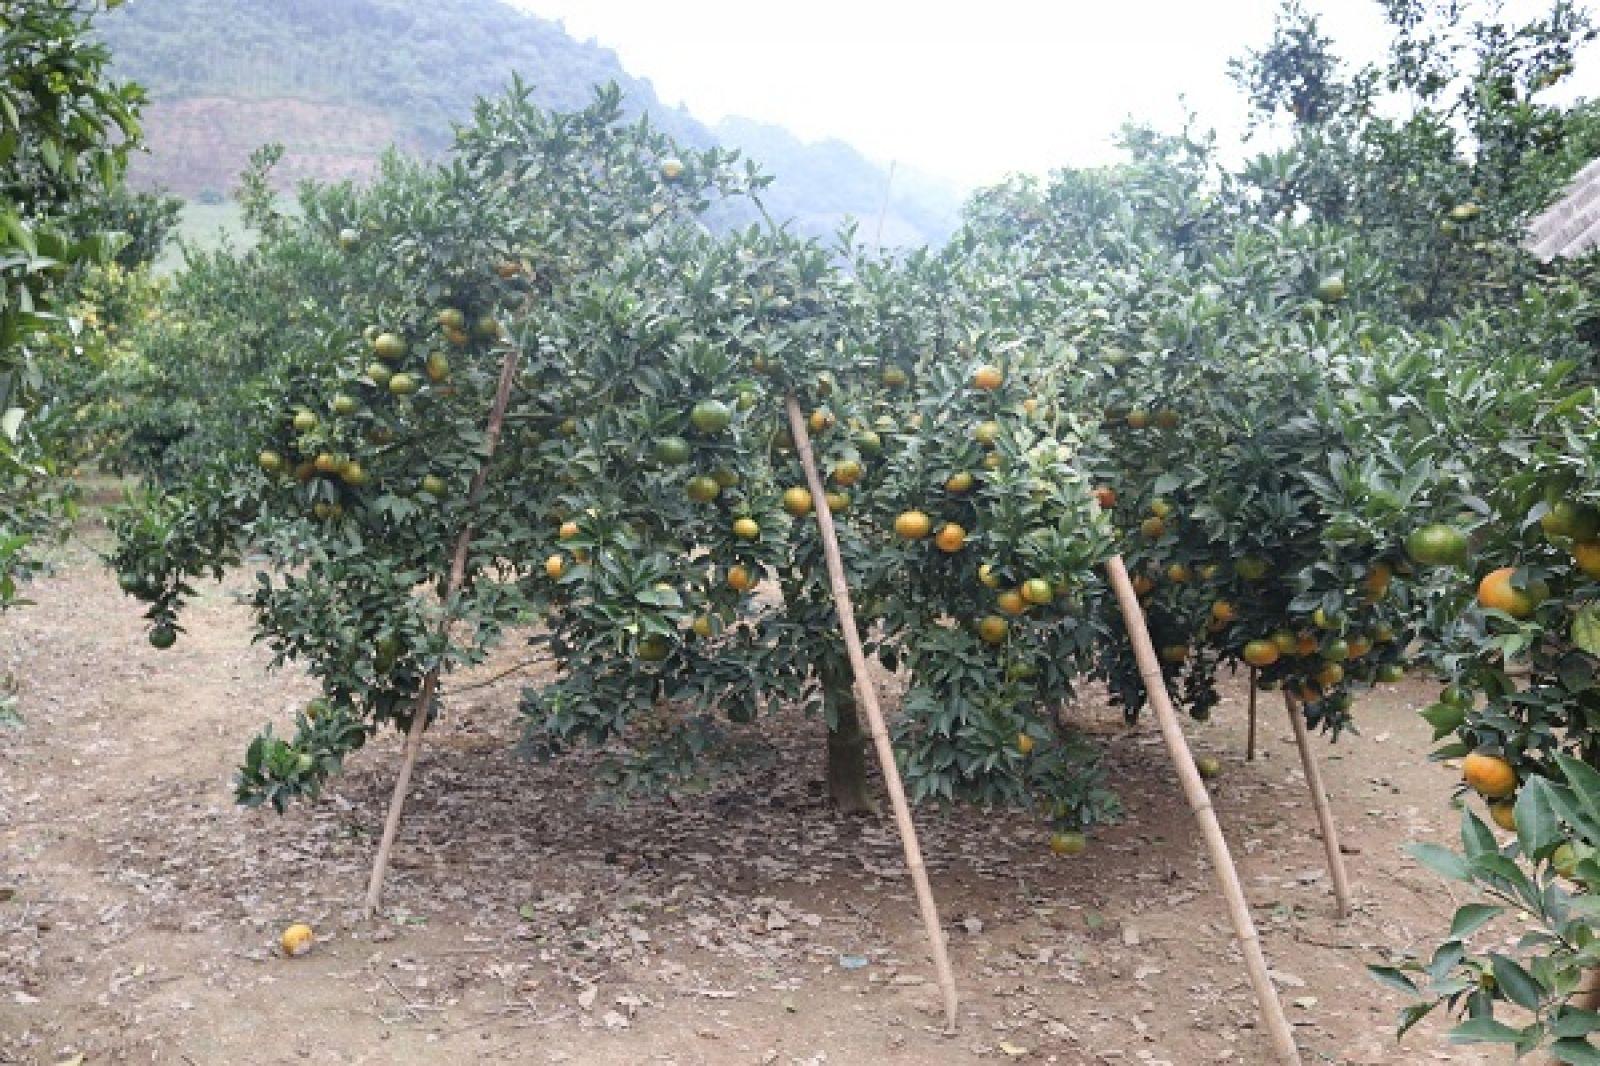 Vườn cam Canh của ông Ngọ sai trĩu quả, phải dùng sào tre để trống.